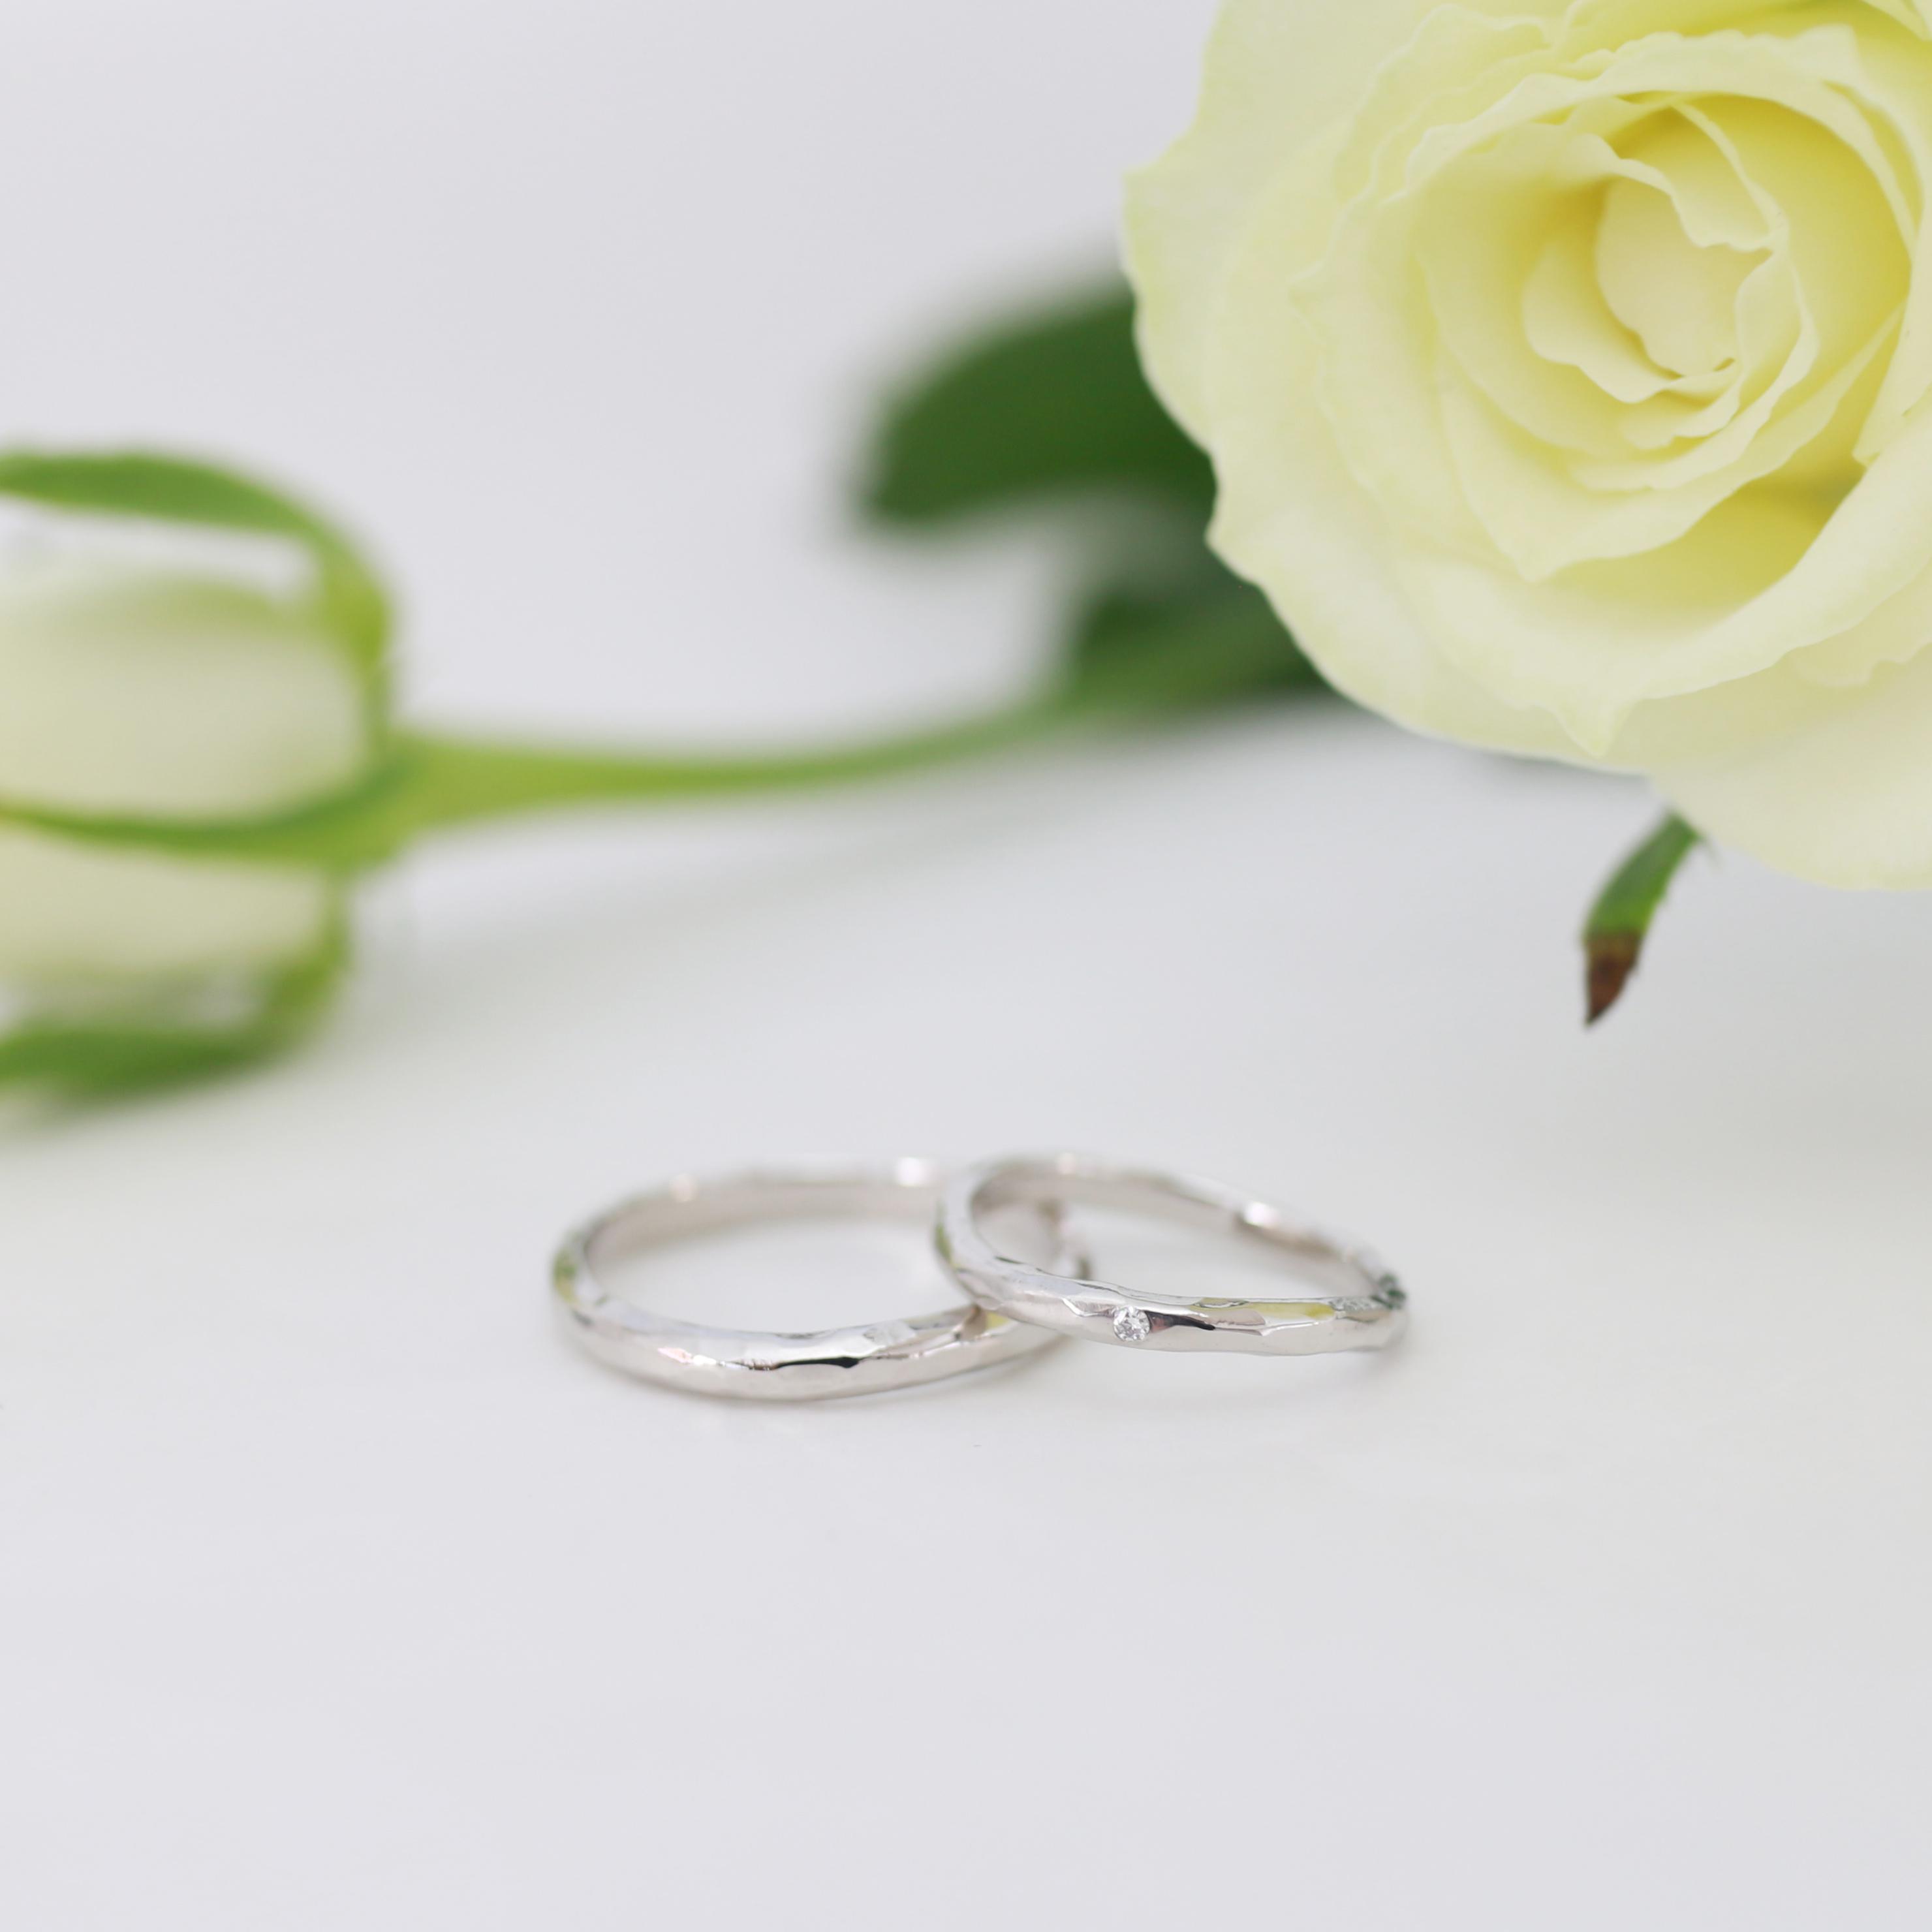 鎚目結婚指輪